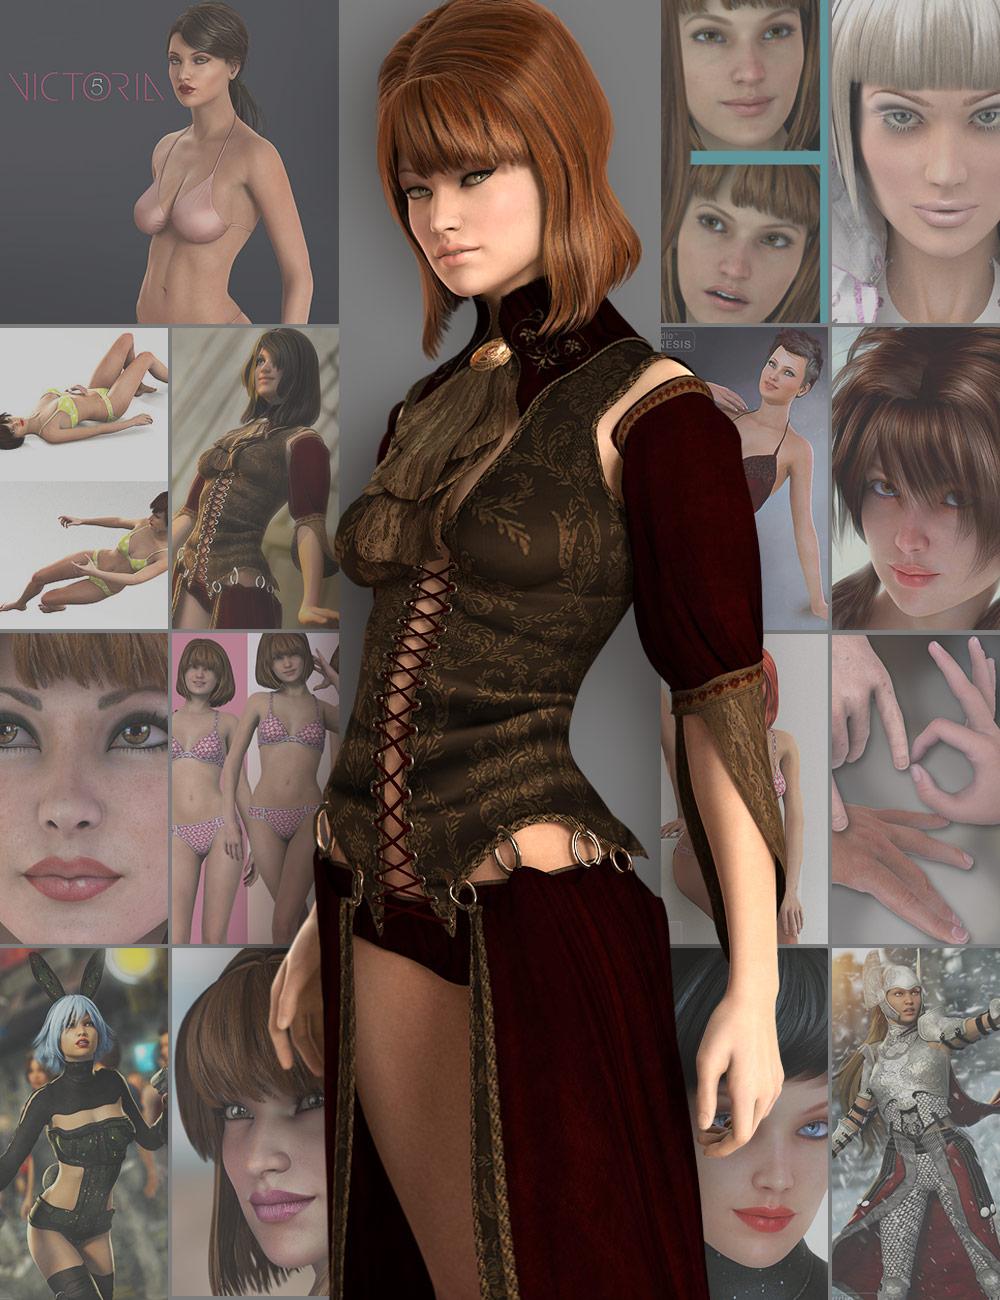 Victoria 5 Pro Bundle by: , 3D Models by Daz 3D